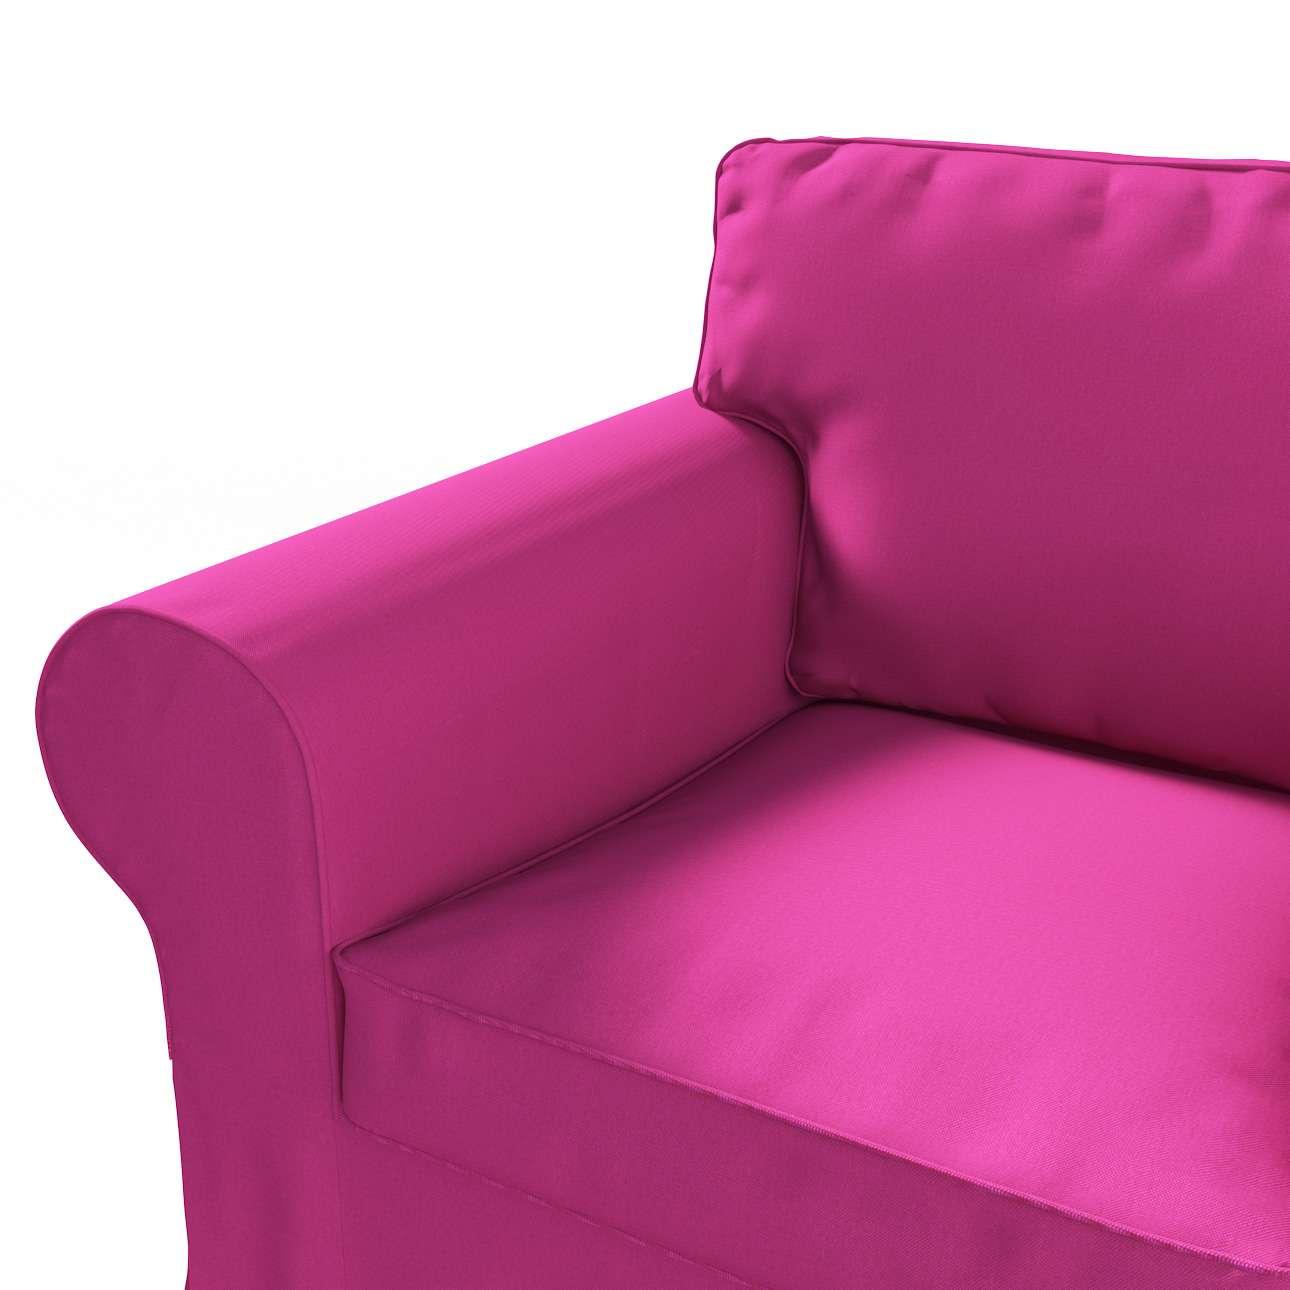 Pokrowiec na fotel Ektorp Fotel Ektorp w kolekcji Etna , tkanina: 705-23